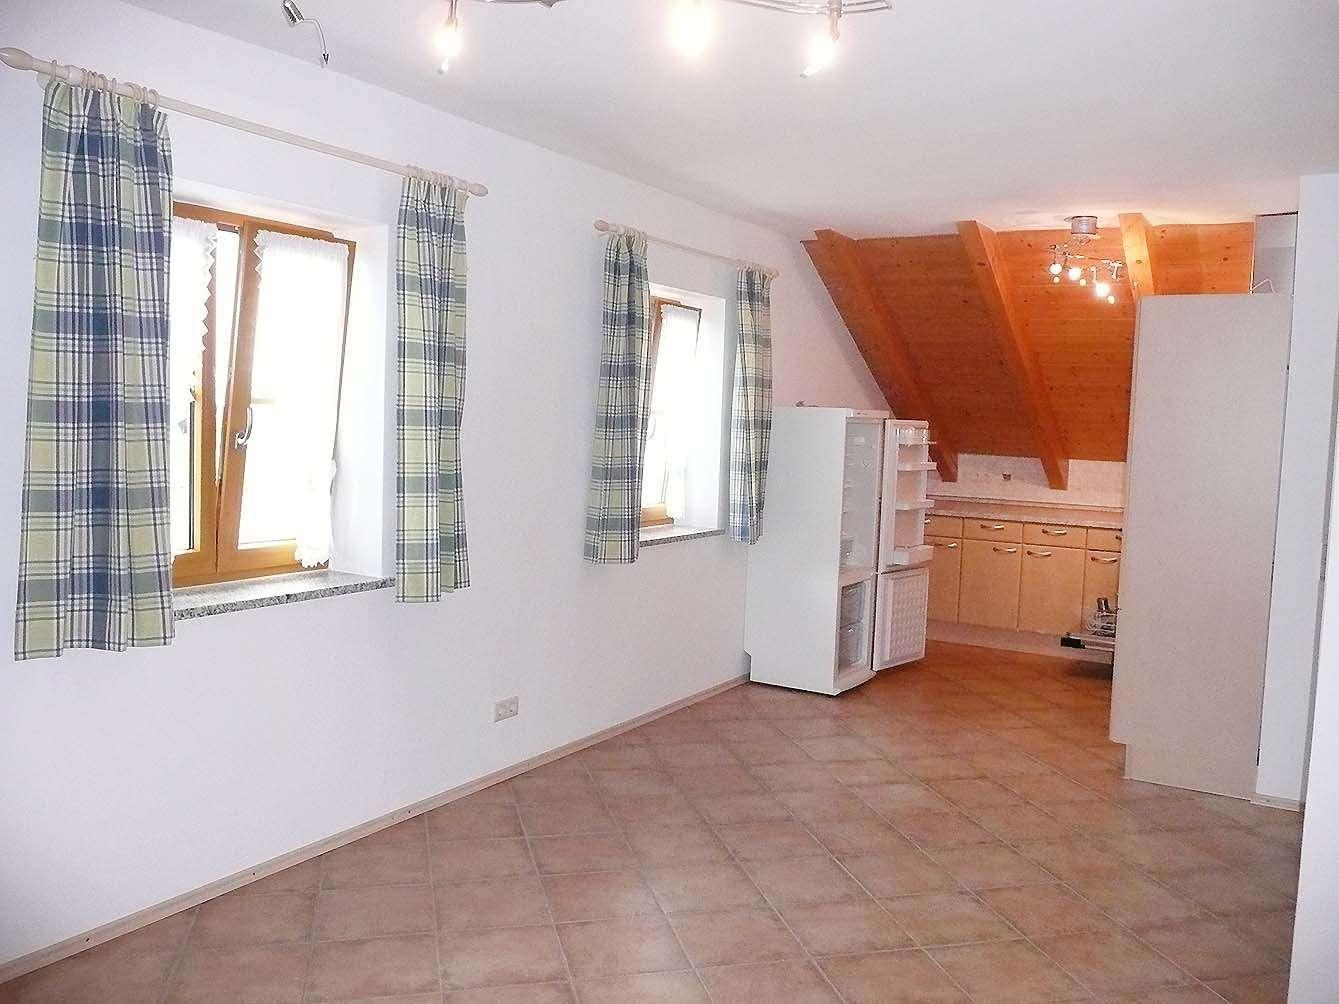 NUR FÜR WOCHENENDHEIMFAHRER - 2-Zimmer-DG-Wohnung mit Balkon, EBK in Harthausen in Grasbrunn